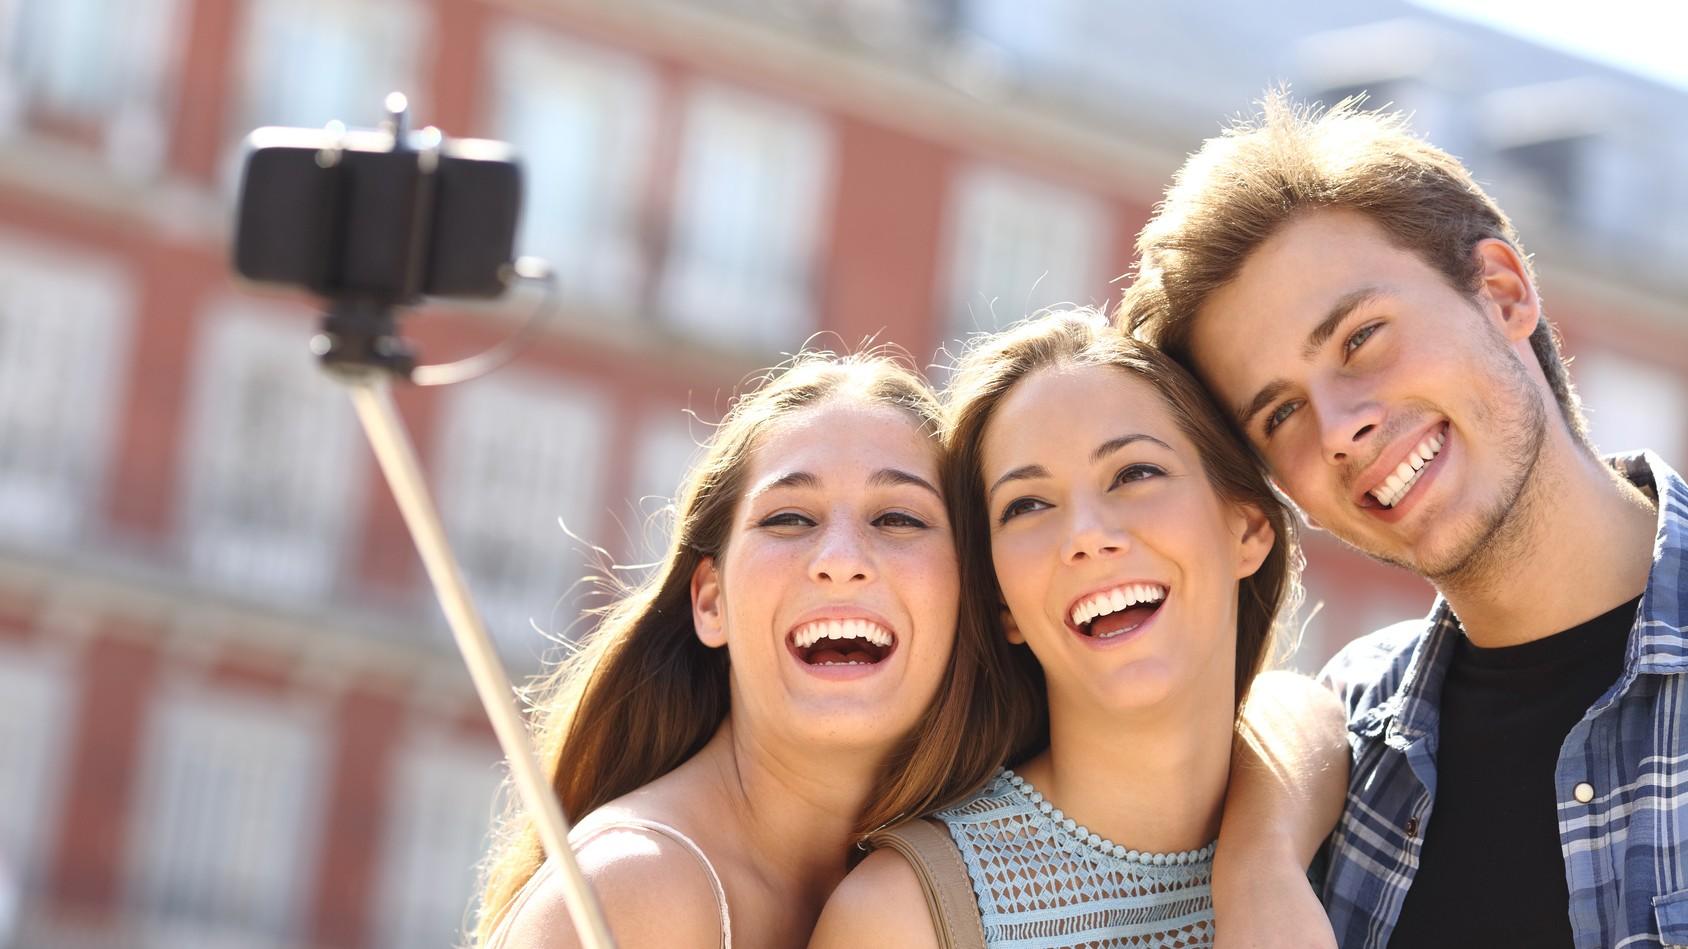 Los Millennials prefieren las plataformas digitales